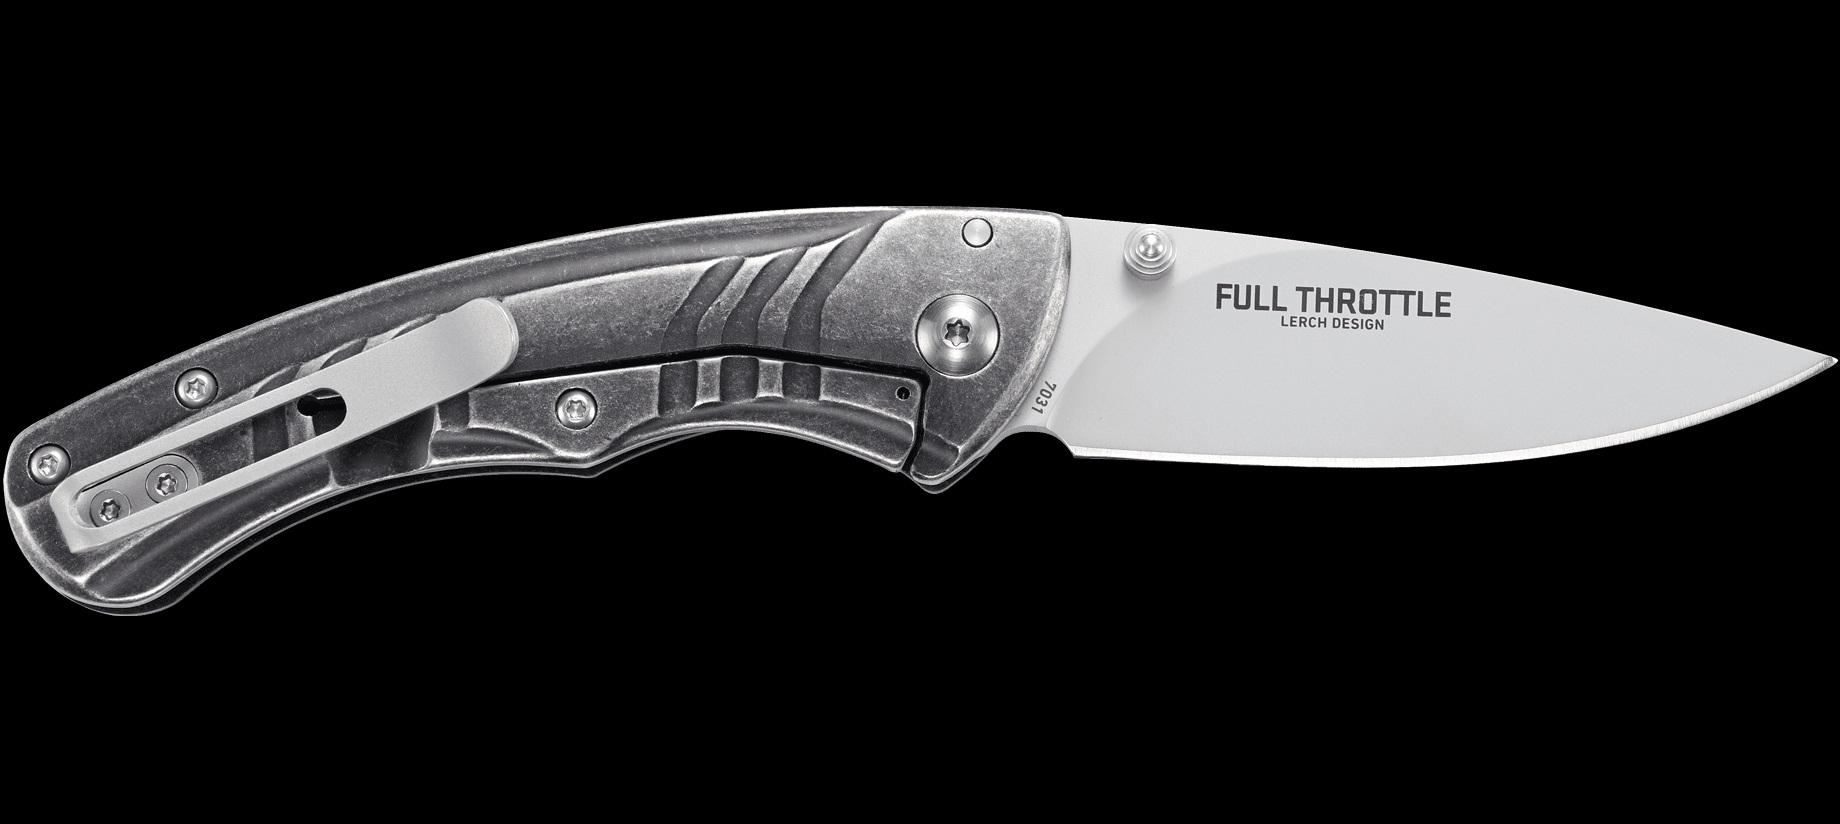 CRKT Full Throttle Framelock AO Folding Blade Knife